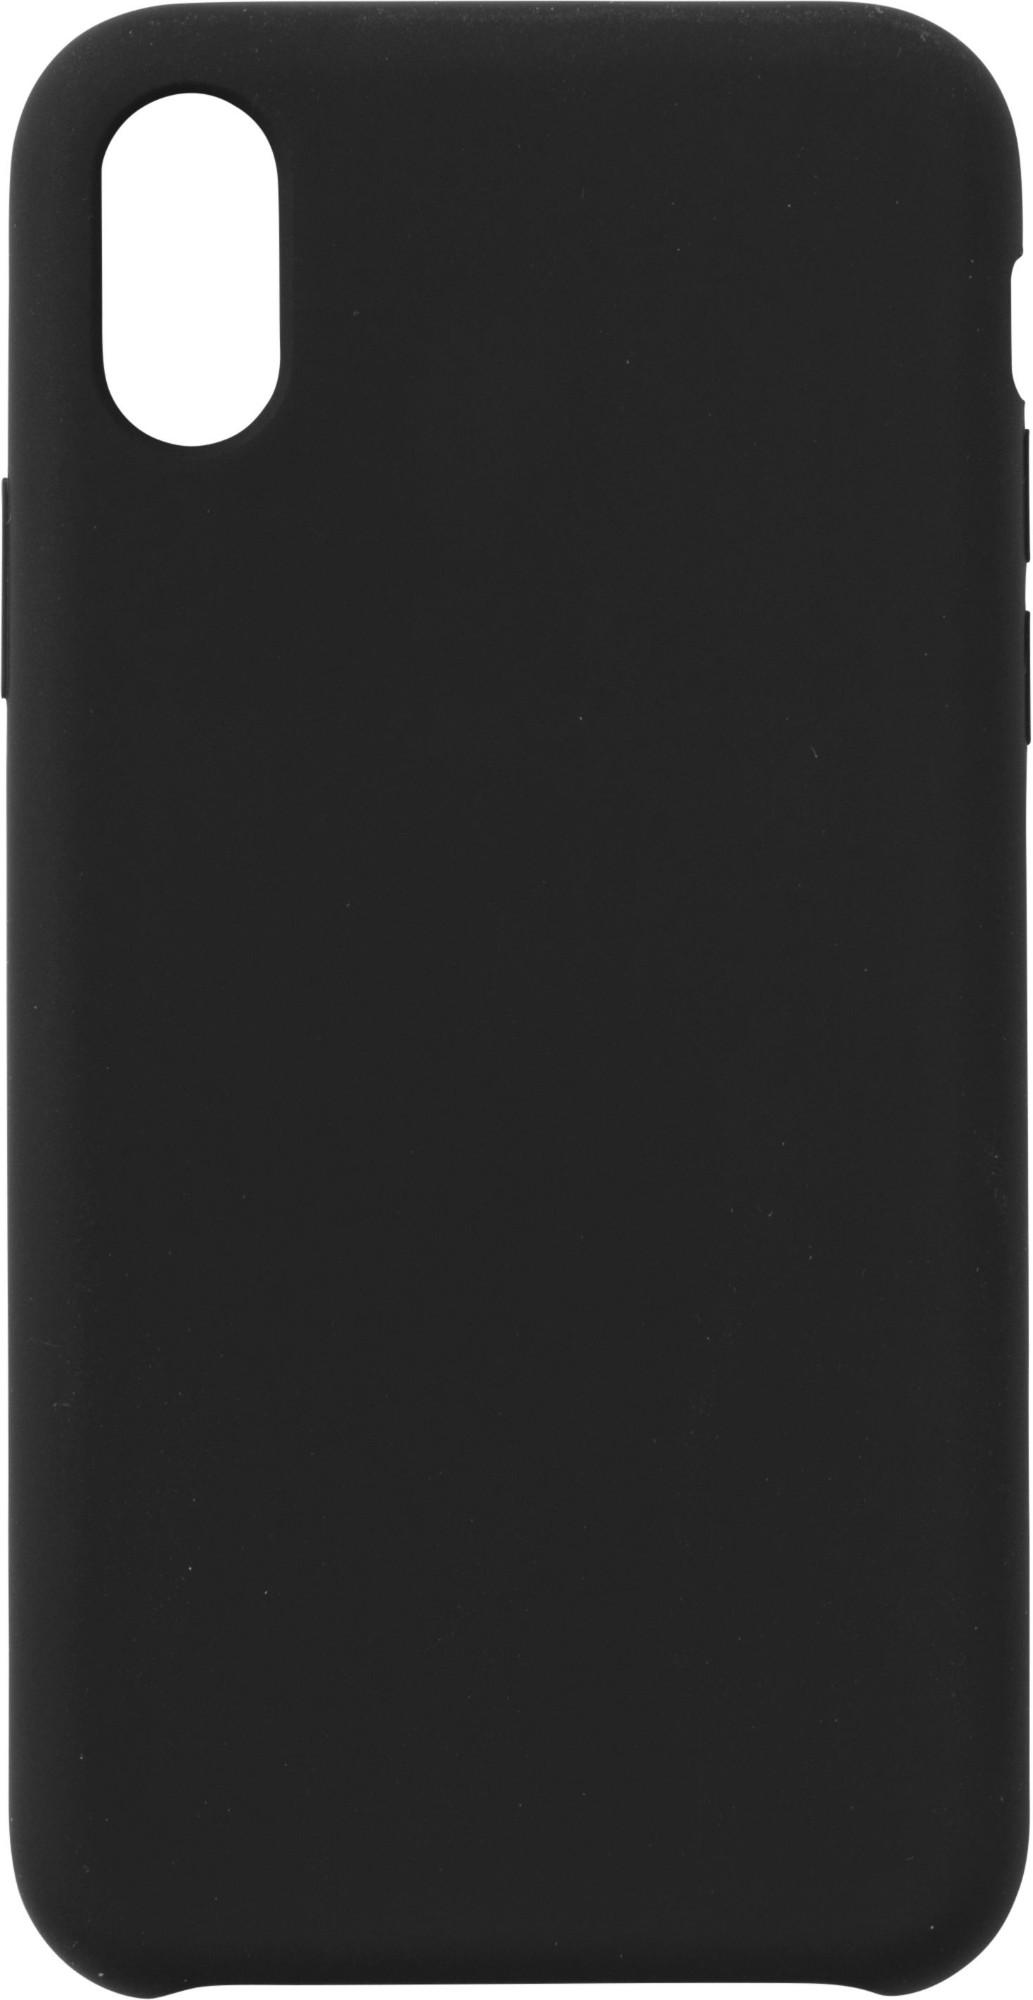 eSTUFF ES671126 mobile phone case Cover Black